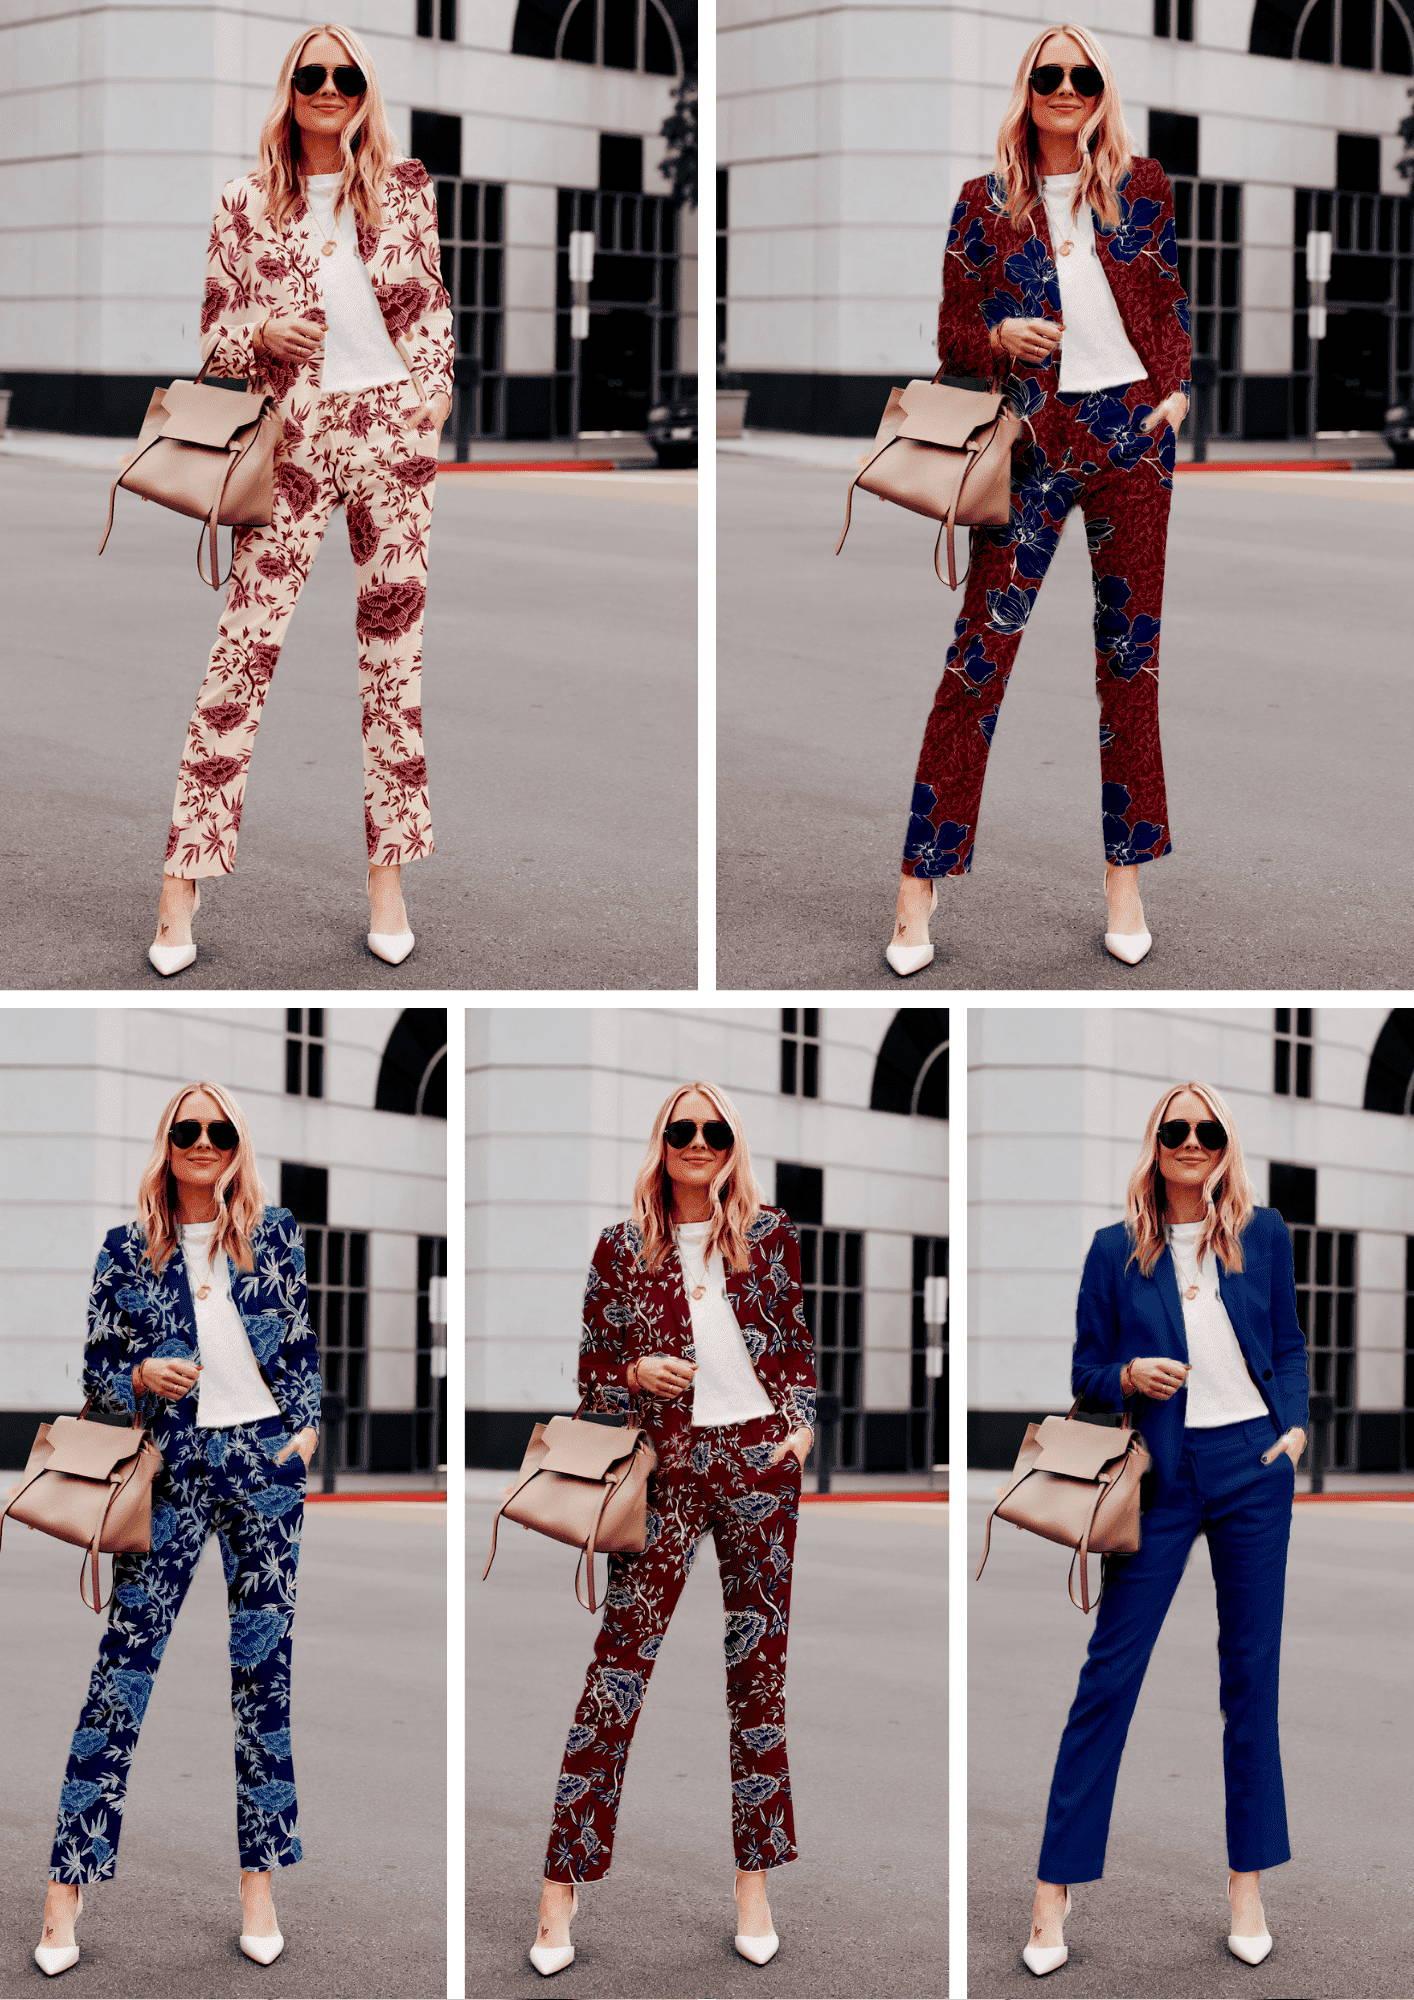 Les Looks une femme blonde avec les motifs exclusifs maison mixmélô